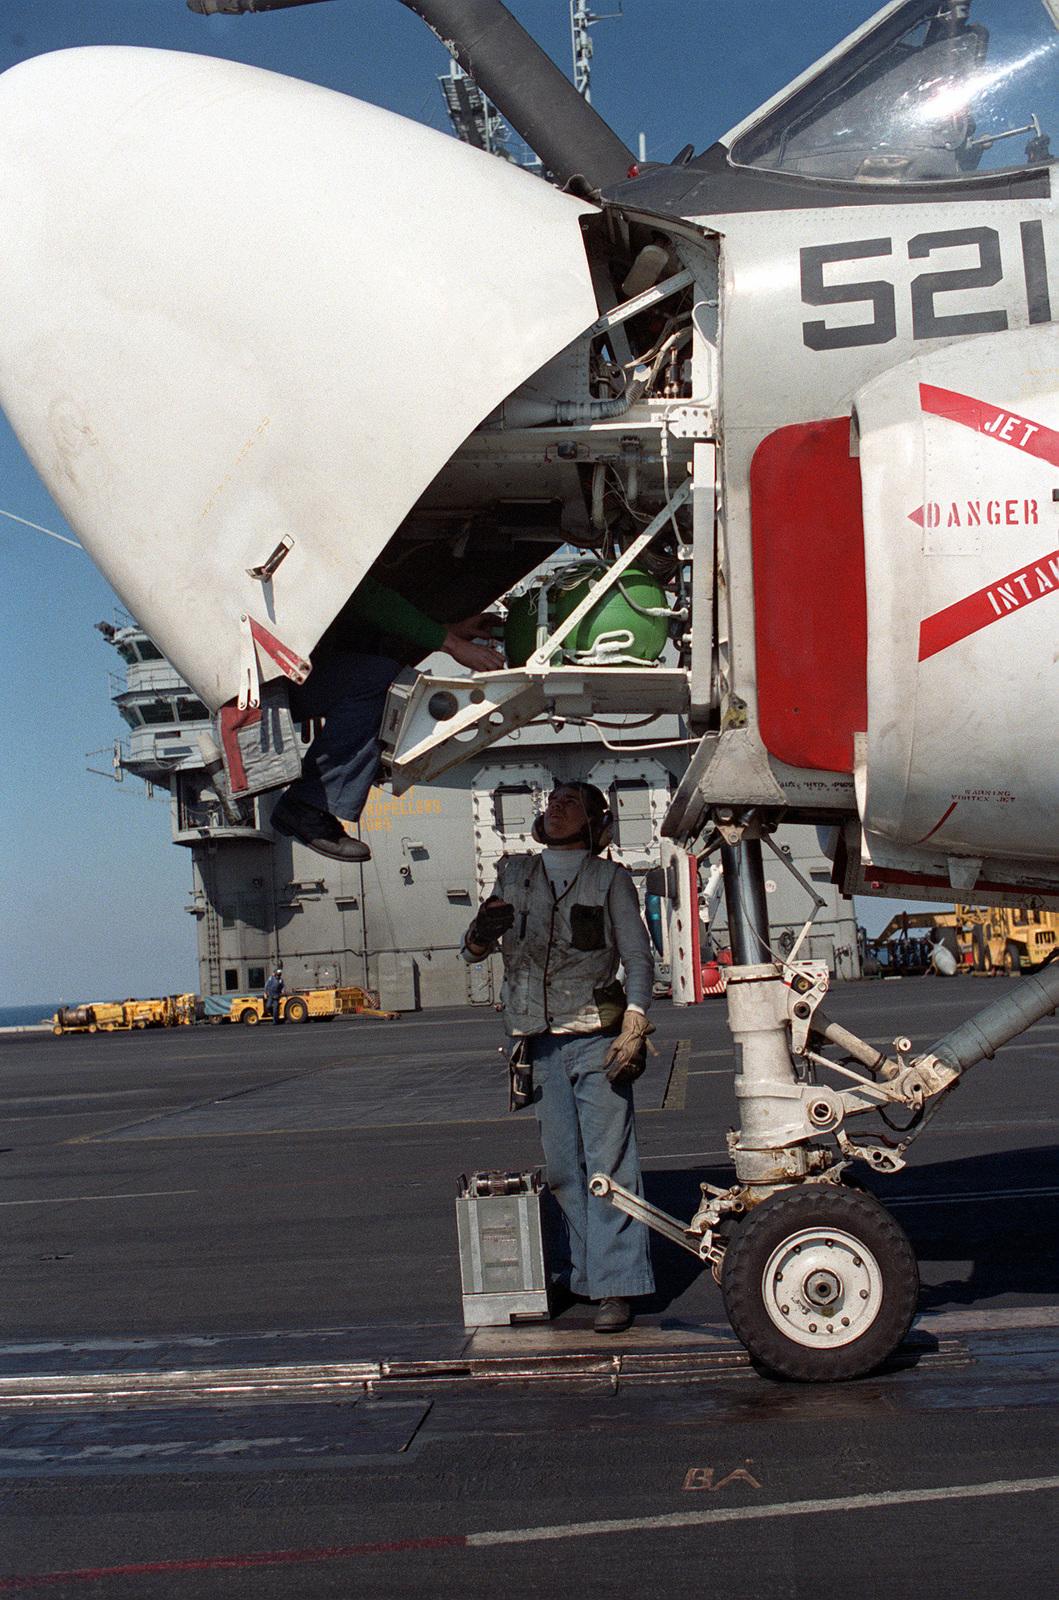 A maintenance crewman works under the nose of an Attack Squadron 34 (VA-34) A-6E Intruder aircraft on the flight deck of the nuclear-powered aircraft carrier USS DWIGHT D. EISENHOWER (CVN 69) during FLEET EX '90